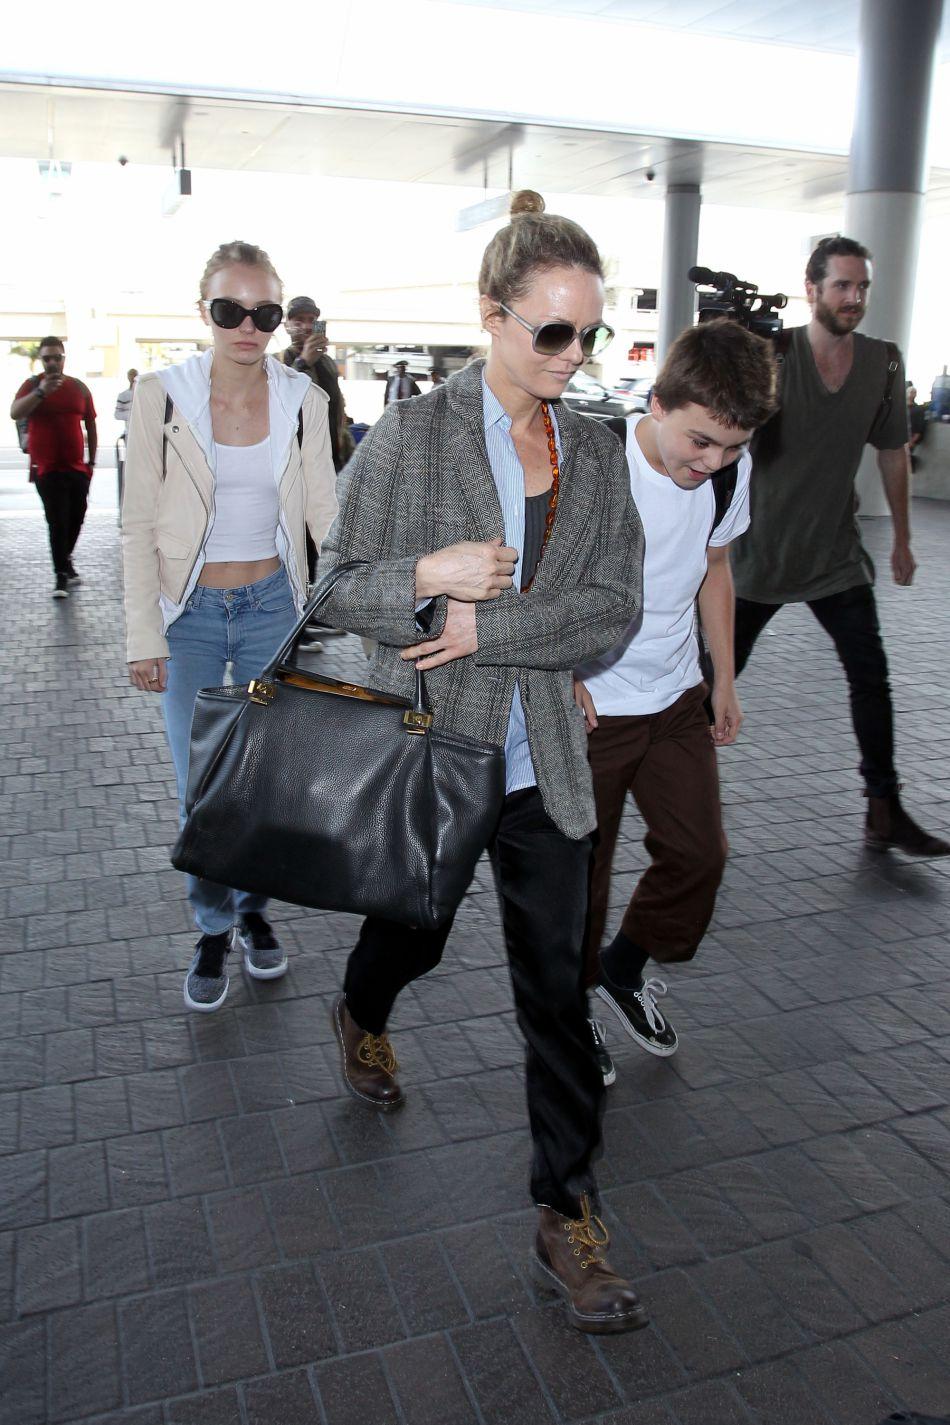 Son ex-femme (Vanessa Paradis), son fils (Jack Depp) et sa fille (Lily-Rose Depp) vont le rejoindre sur l'archipel d'ici peu.